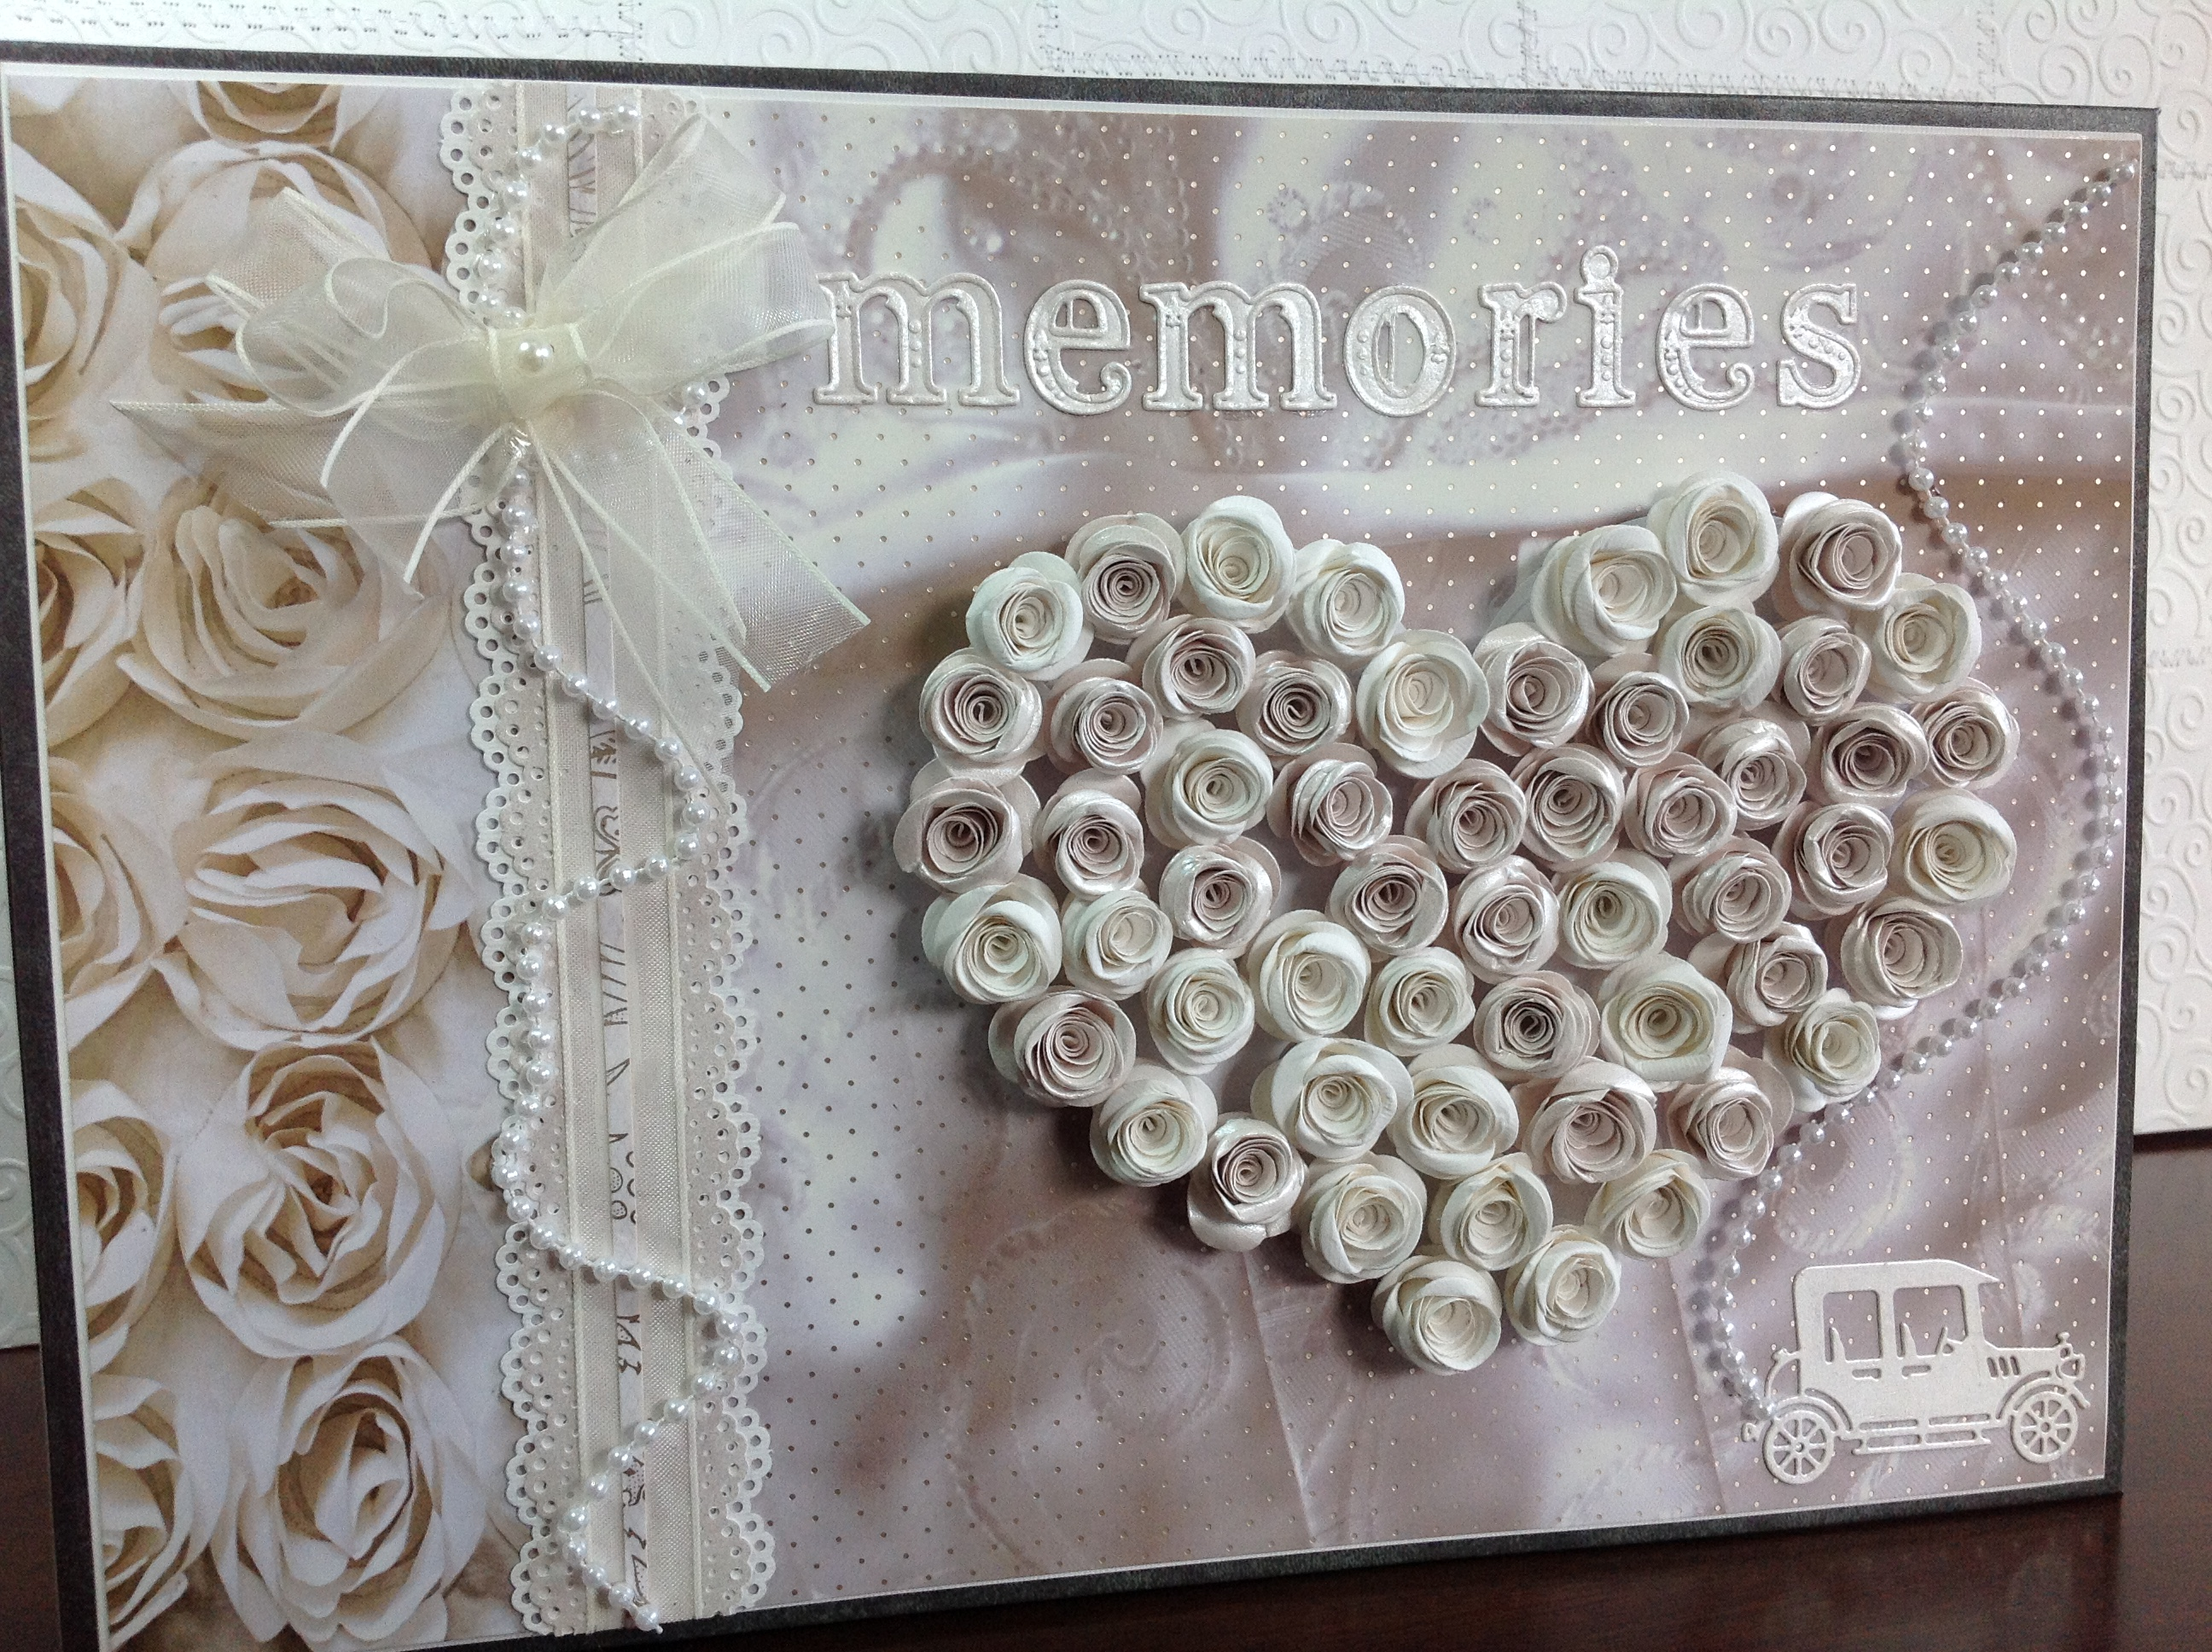 album libro de firmas para boda corazon con rosas (10)